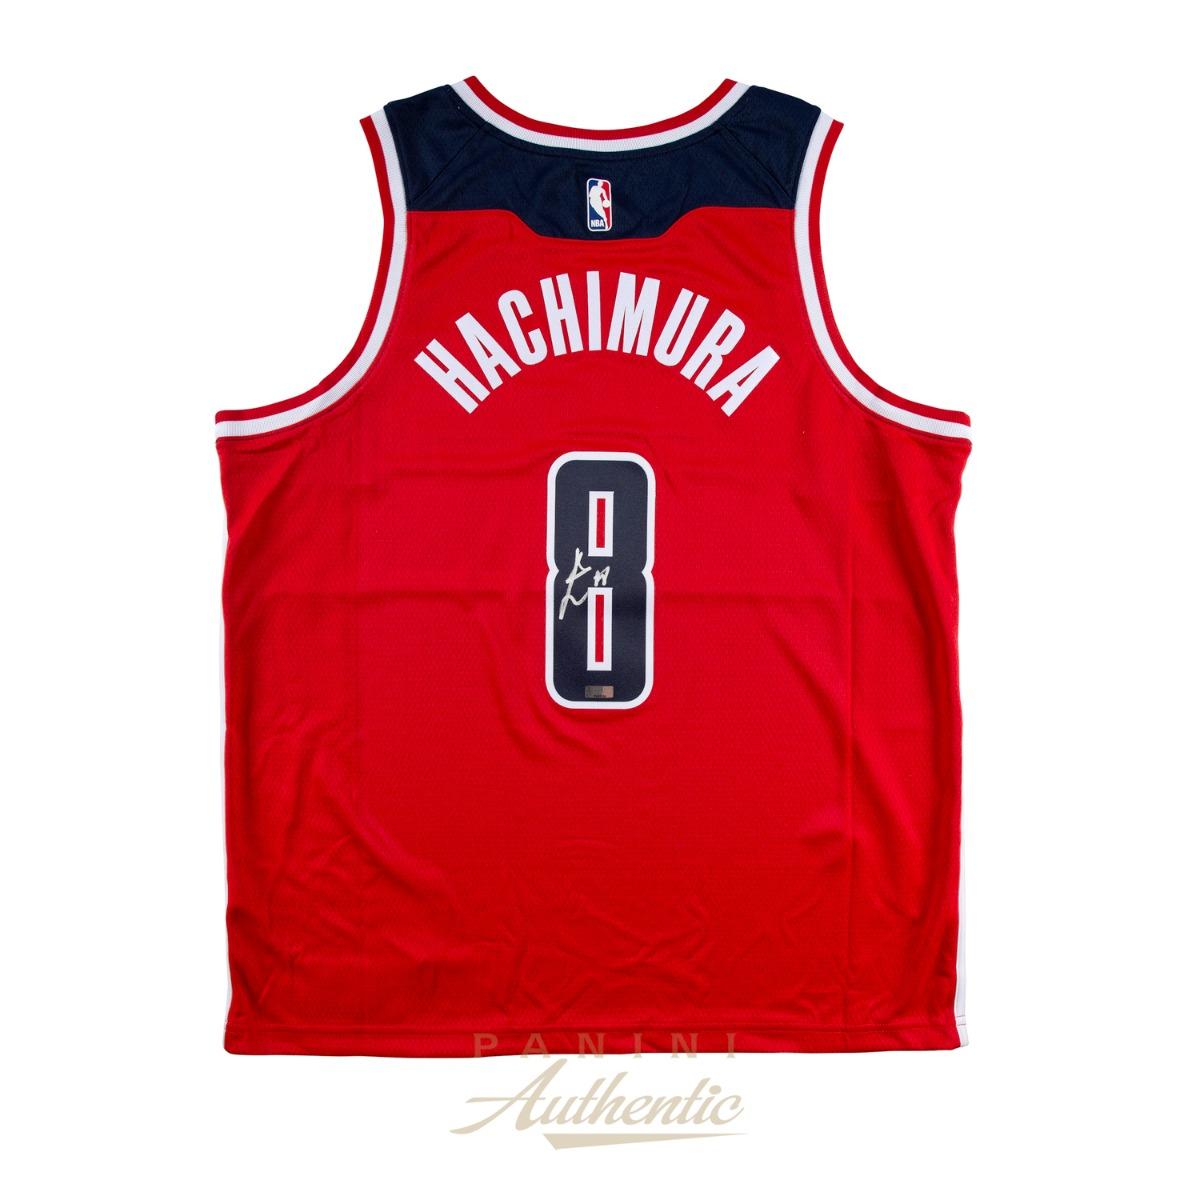 八村塁 直筆サイン入りユニフォーム スウィングマンジャージ(アウェイ/レッド) / Rui Hachimura Autographed Red Washington Wizards Swingman Jersey